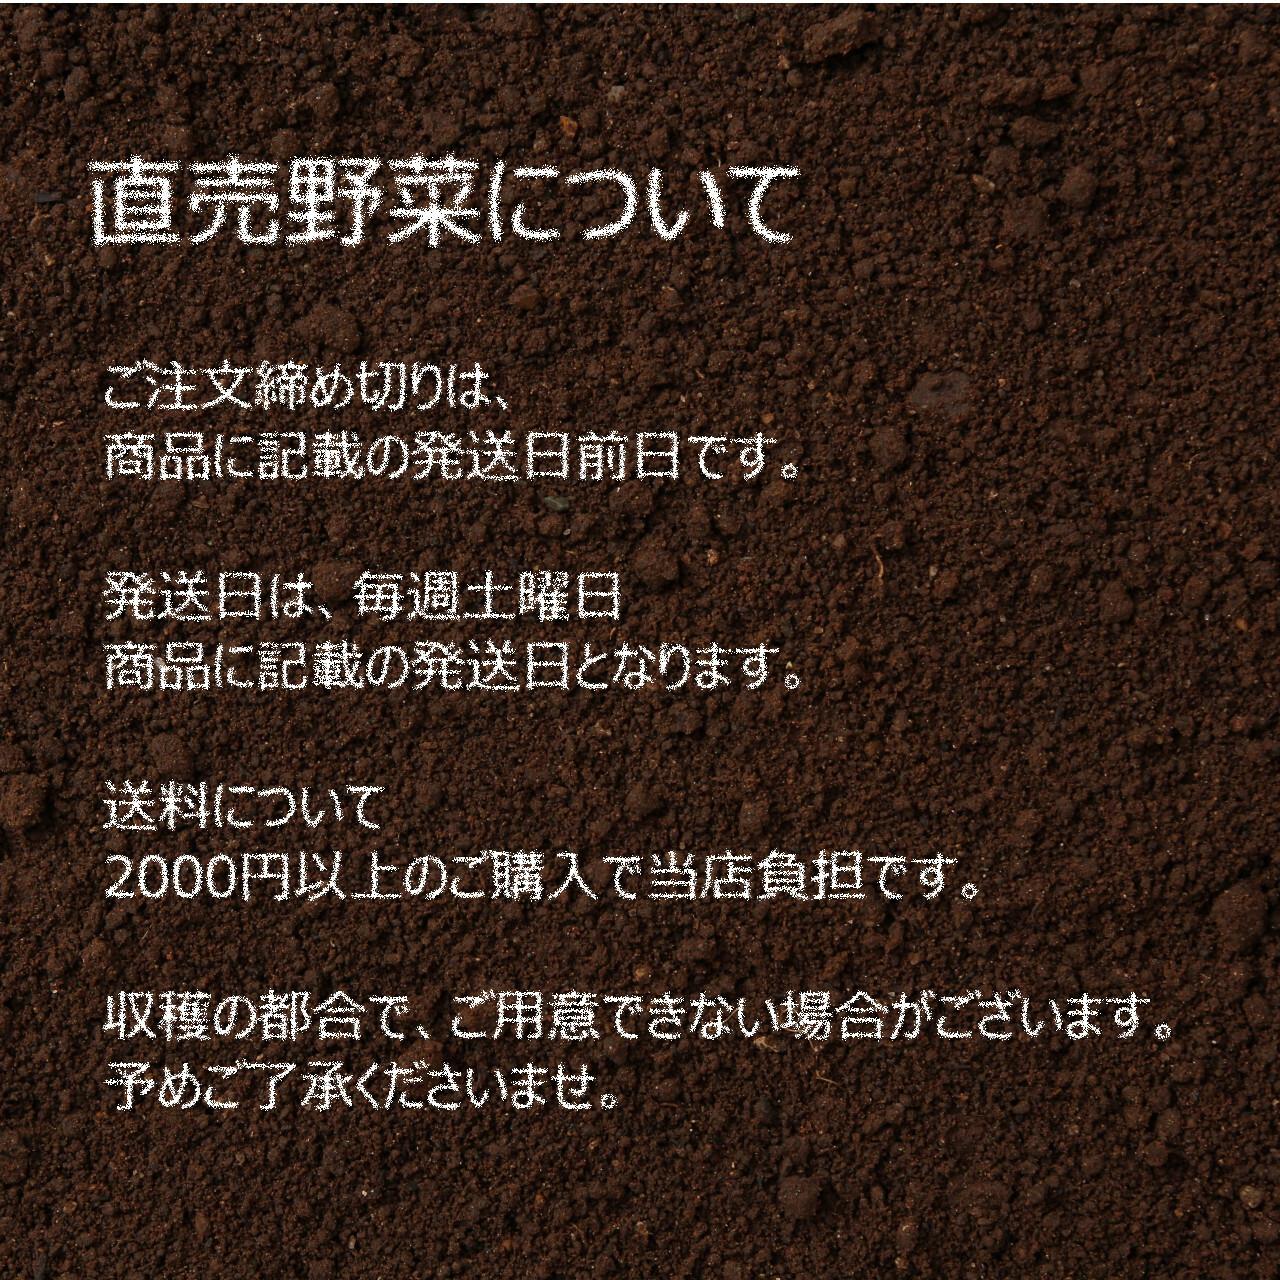 6月の朝採り直売野菜 : ガーデンレタス 約150g 6月8日発送予定